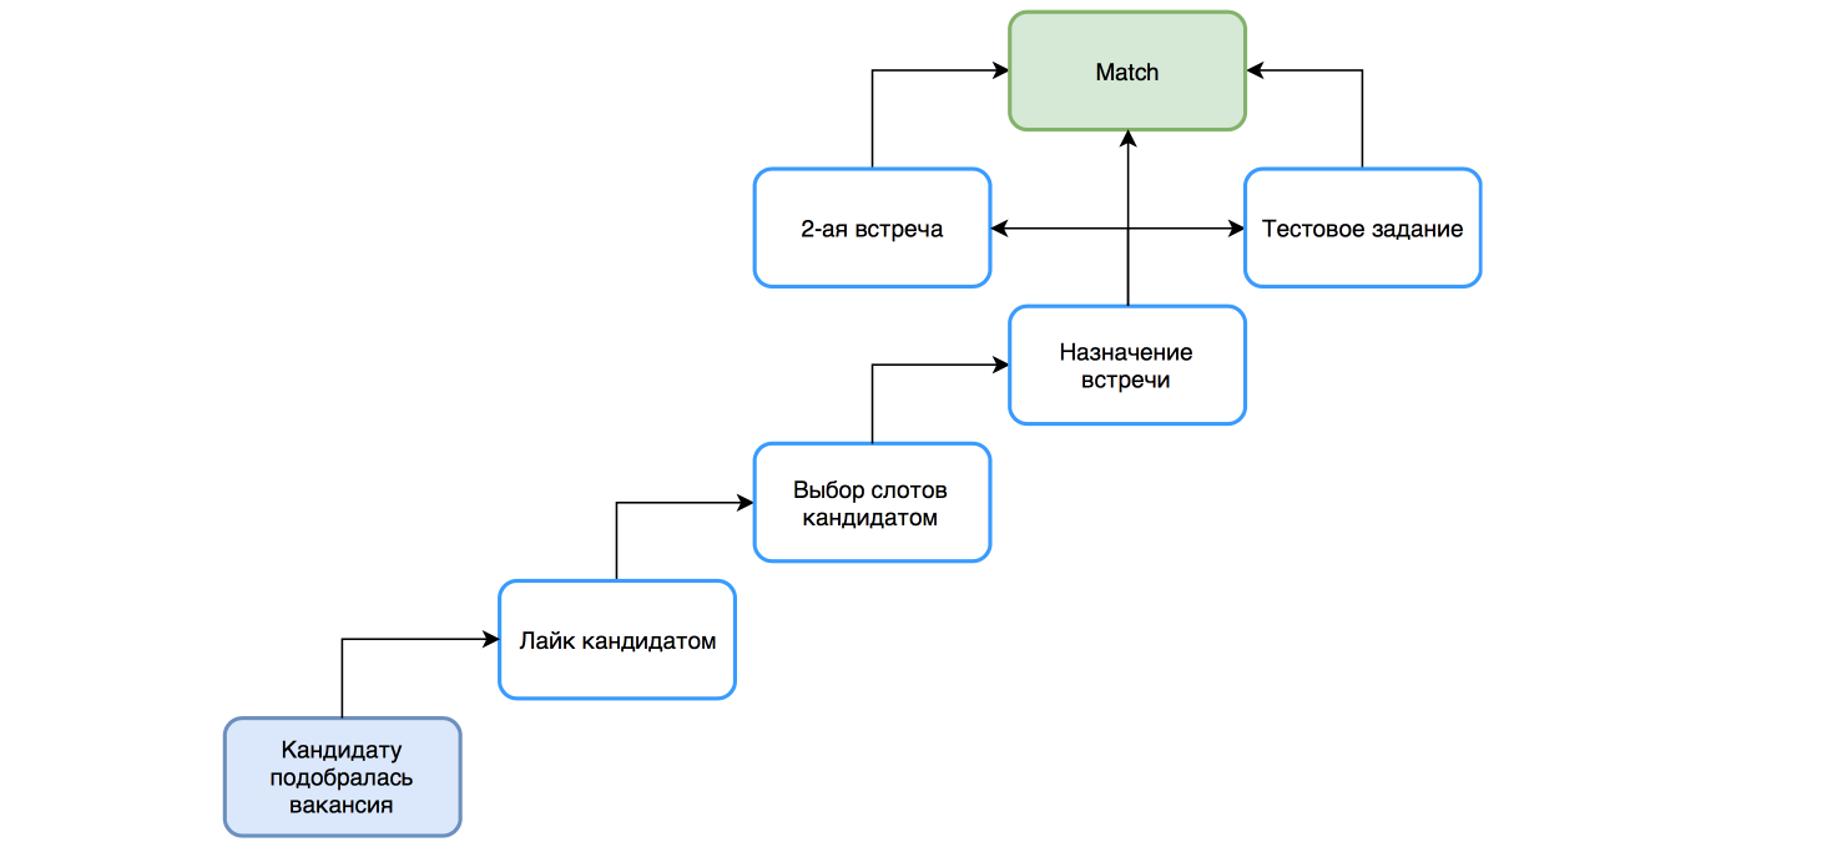 Как увеличить показатели сервиса в 7 раз за три месяца с помощью HADI-циклов и приоритизации гипотез - 5